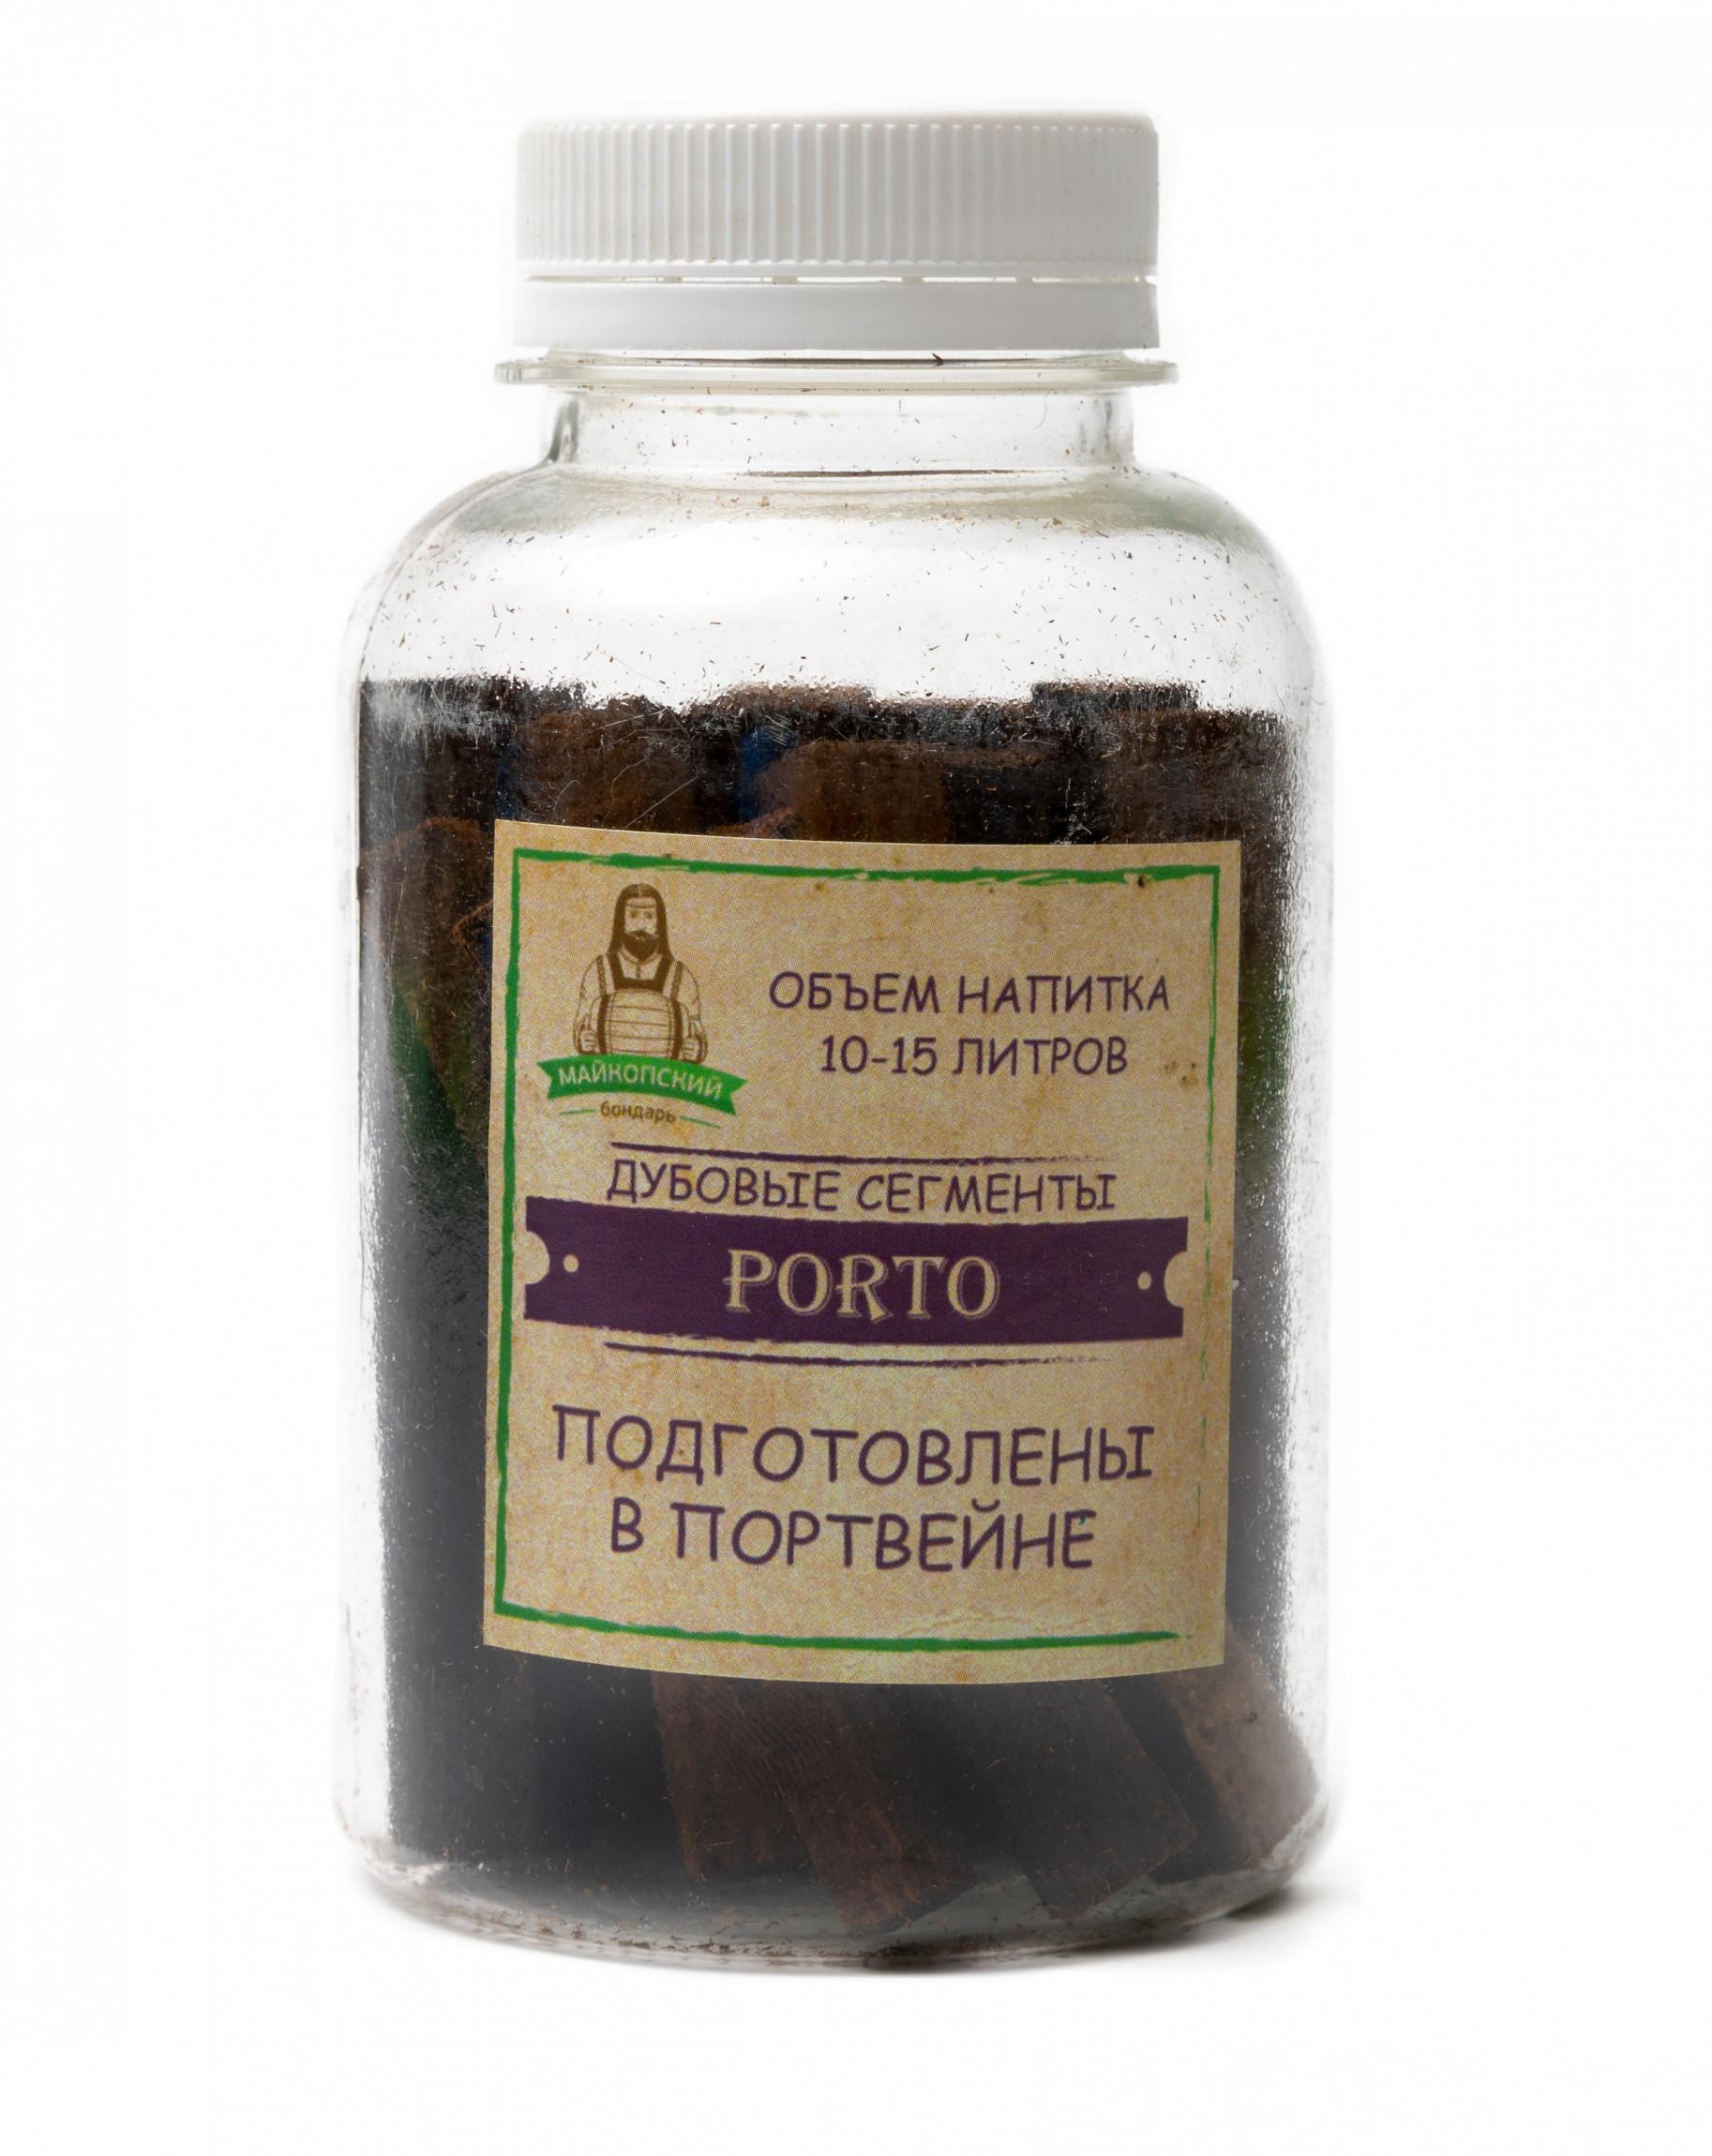 Дубовые сегменты Porto (Майкопский бондарь)